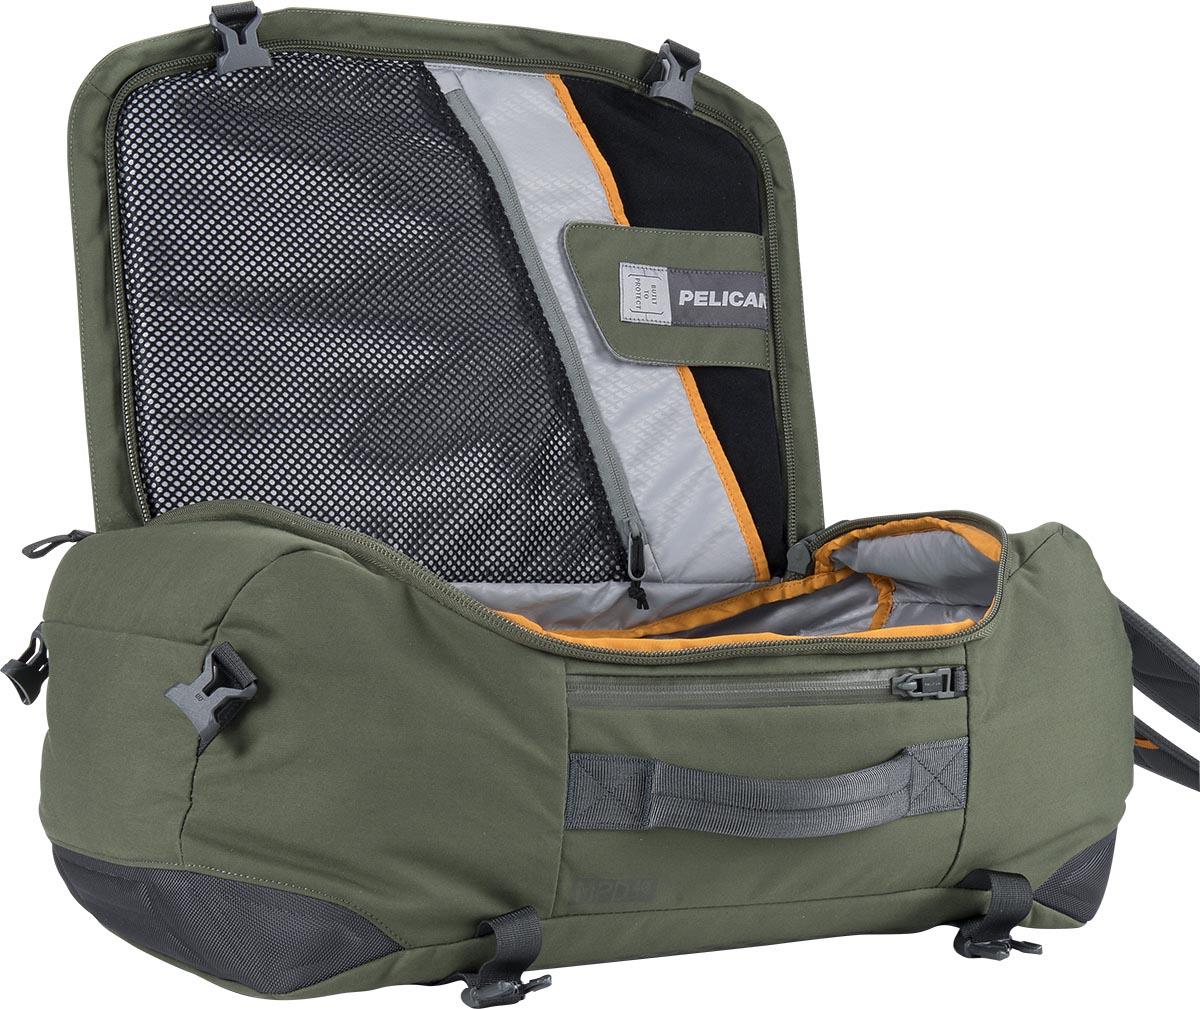 pelican mobile protect bags duffel bag